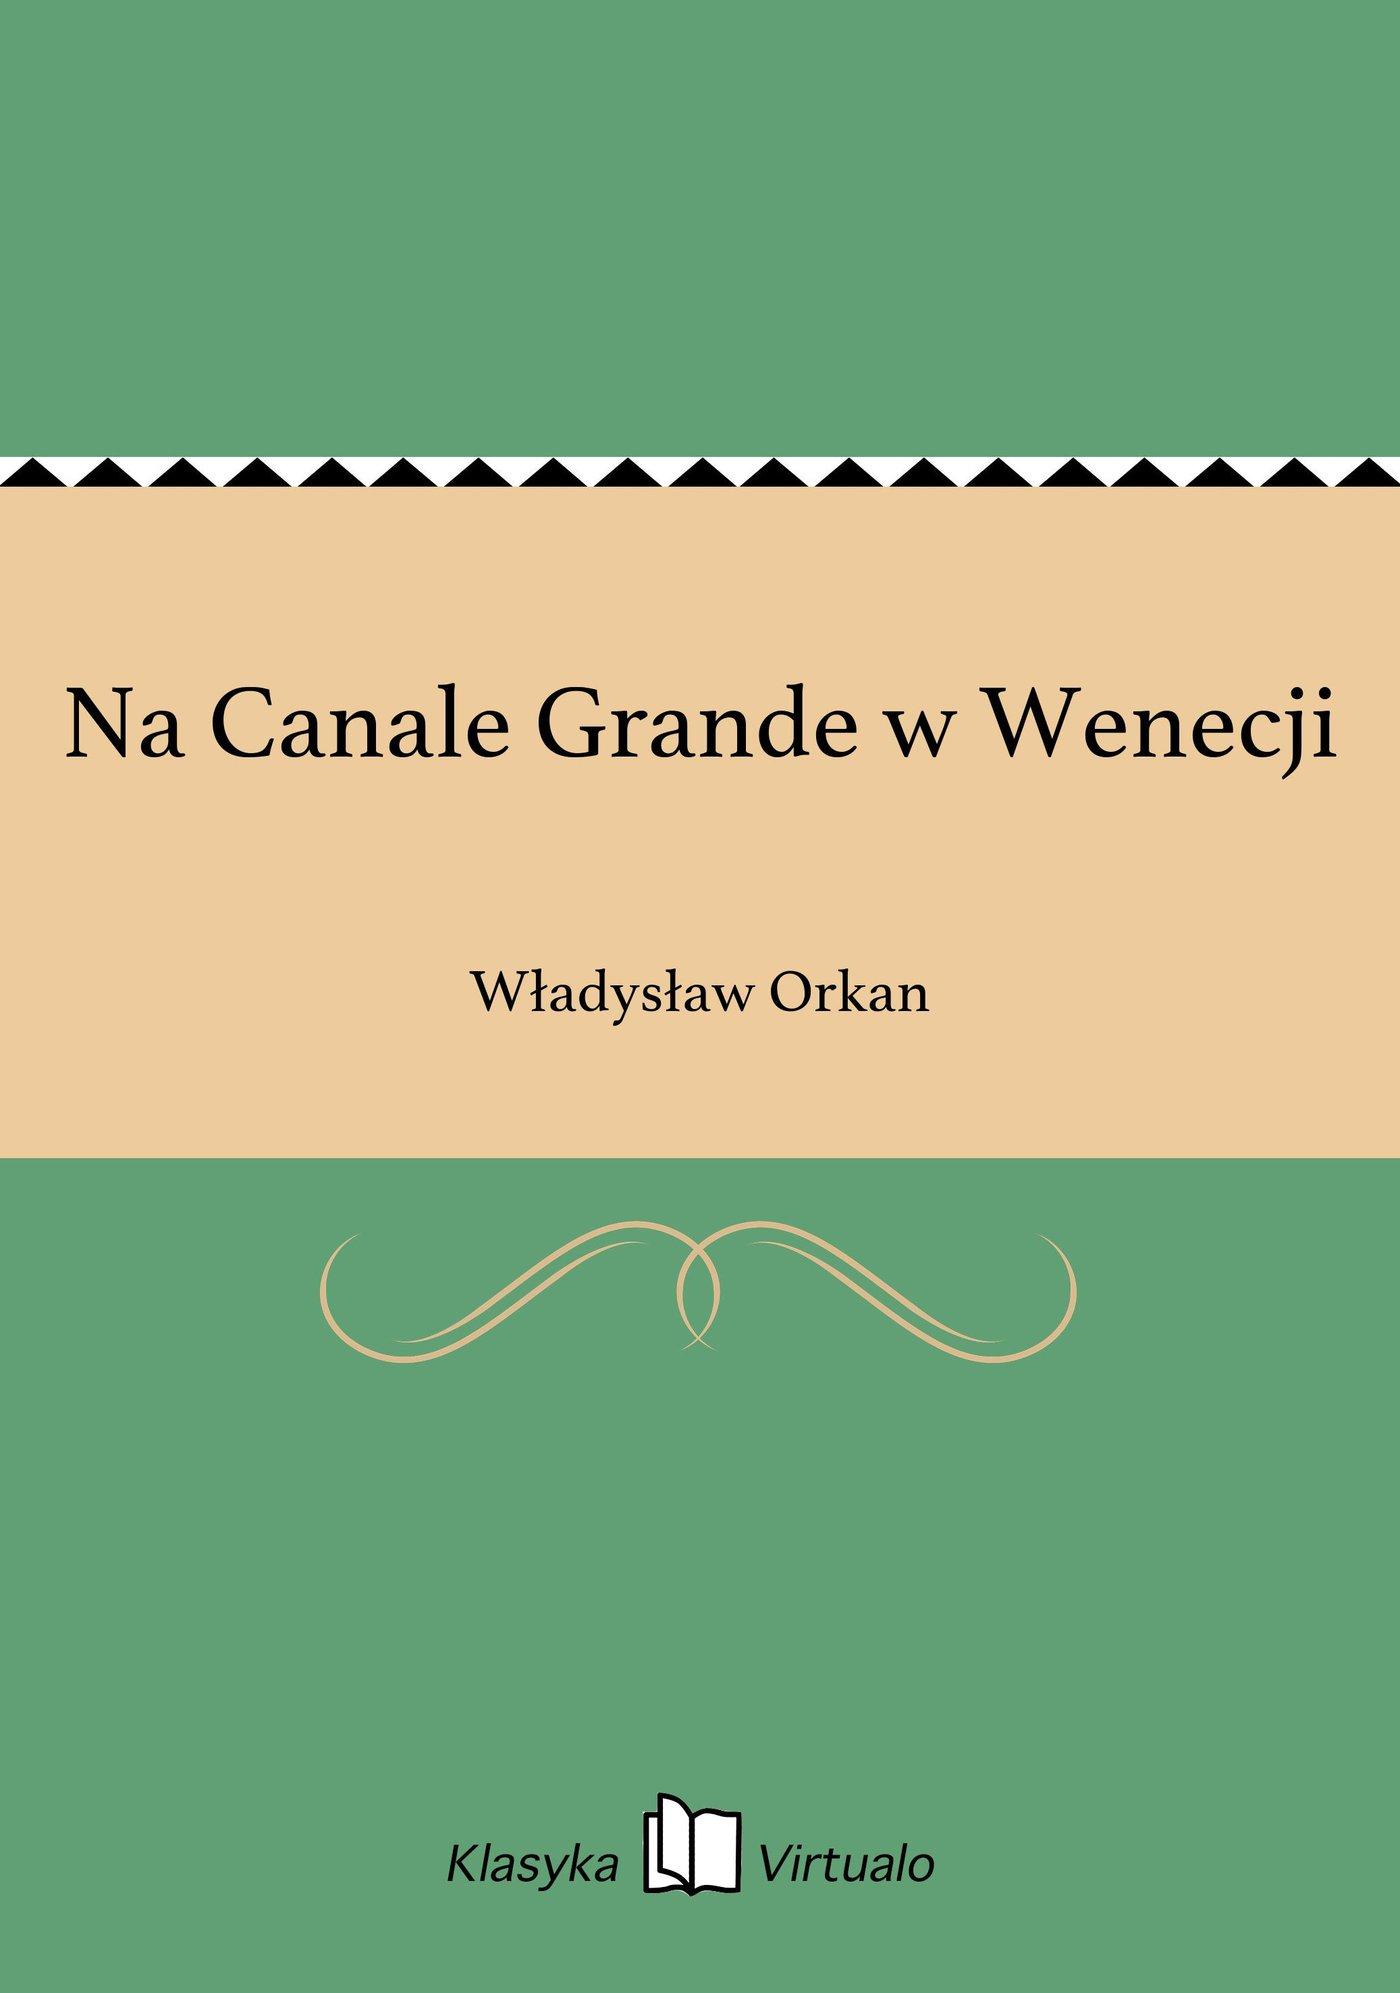 Na Canale Grande w Wenecji - Ebook (Książka EPUB) do pobrania w formacie EPUB